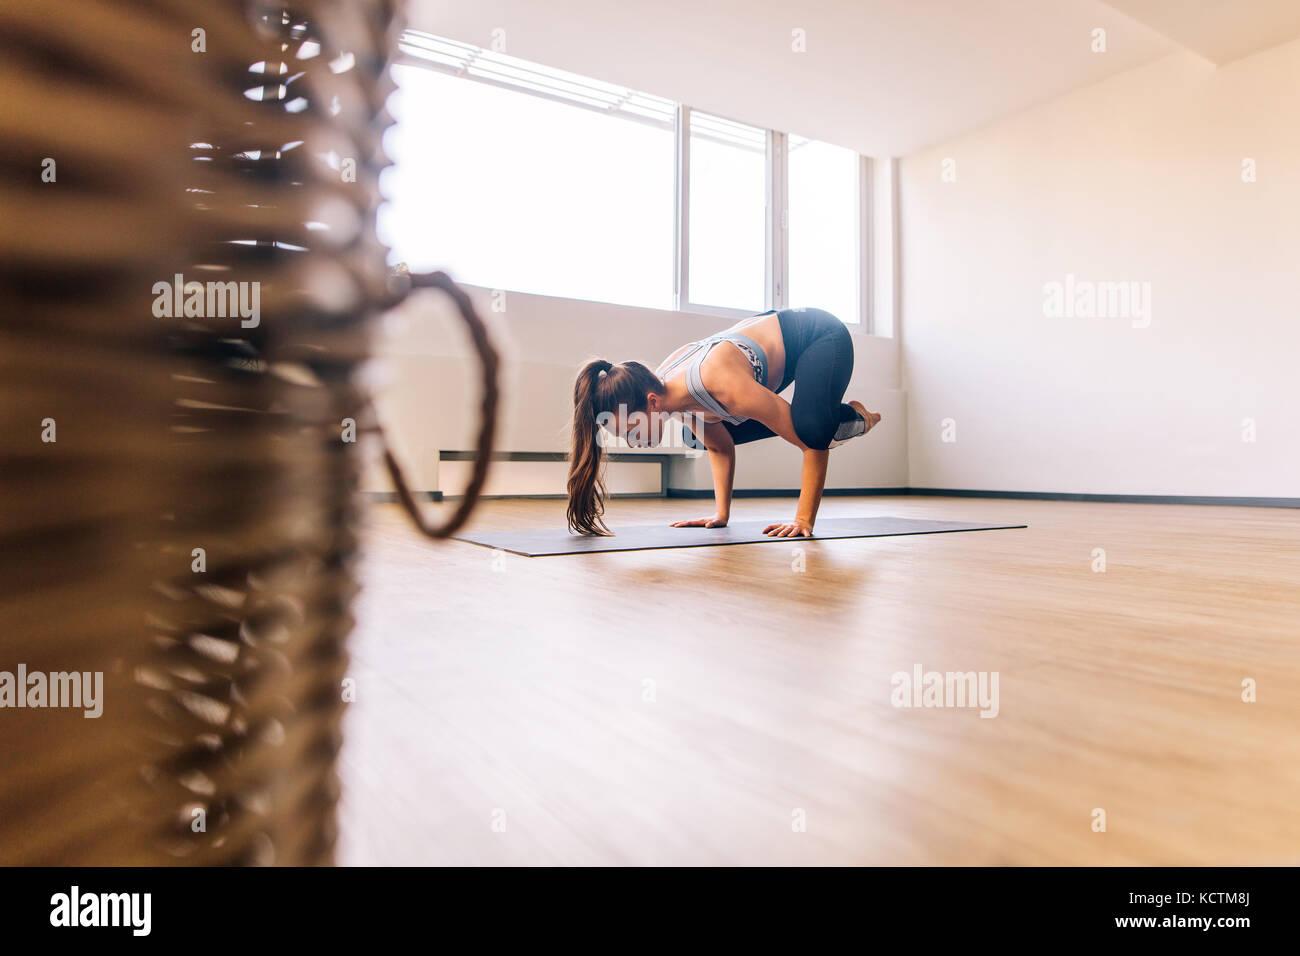 Donna in piedi sulle mani con i piedi sollevati gru facendo yoga posa. Donna Fitness praticando yoga Bakasana pongono Immagini Stock